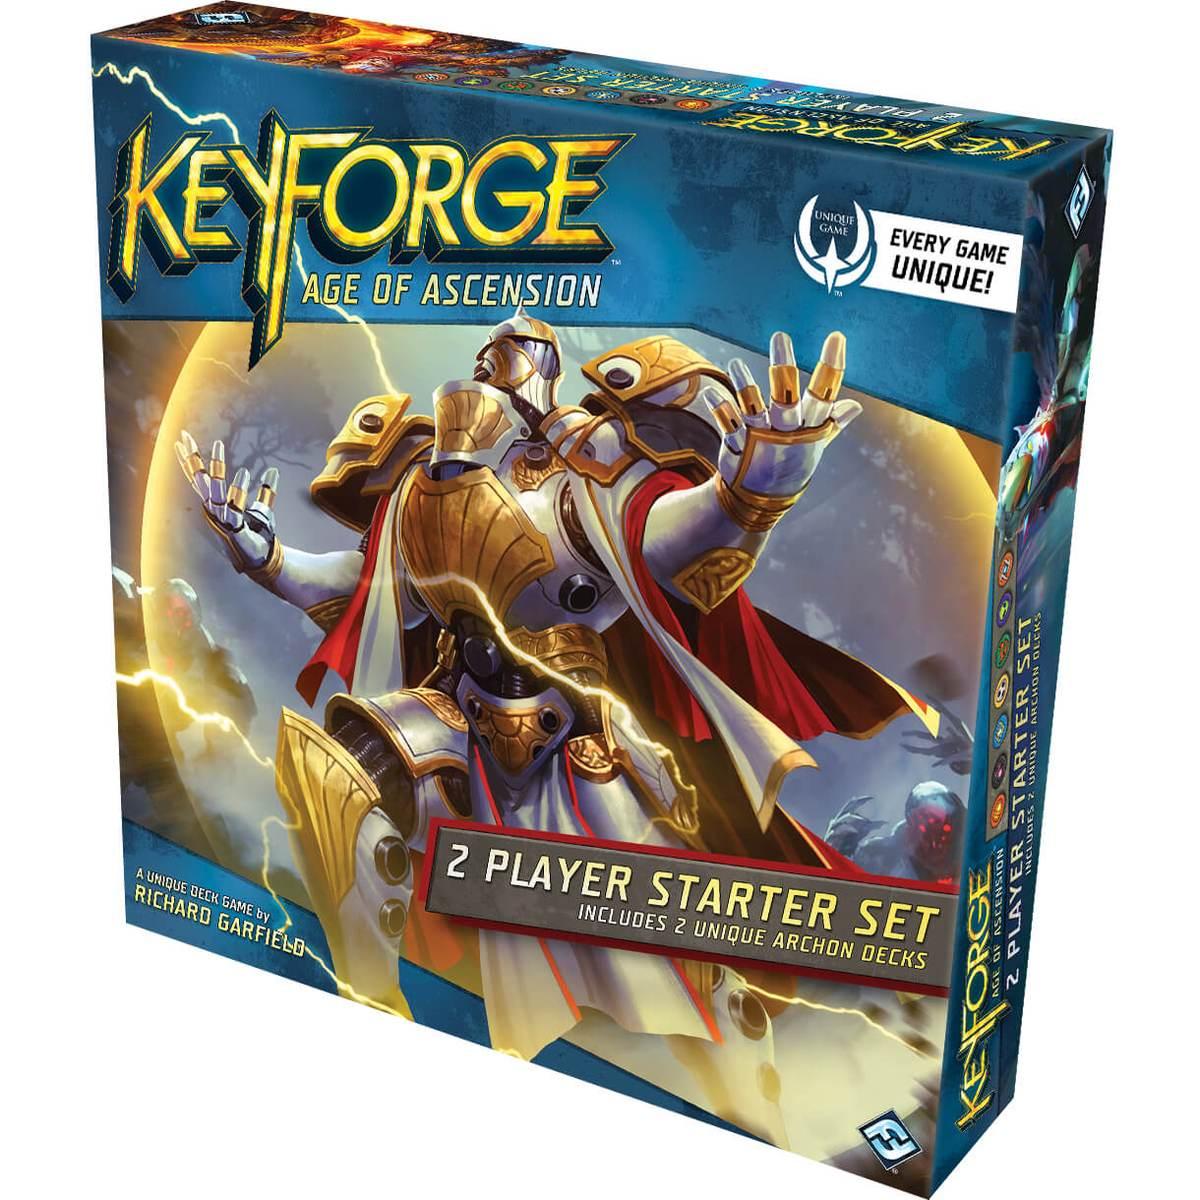 Keyforge: Age of Ascension: Starter Set